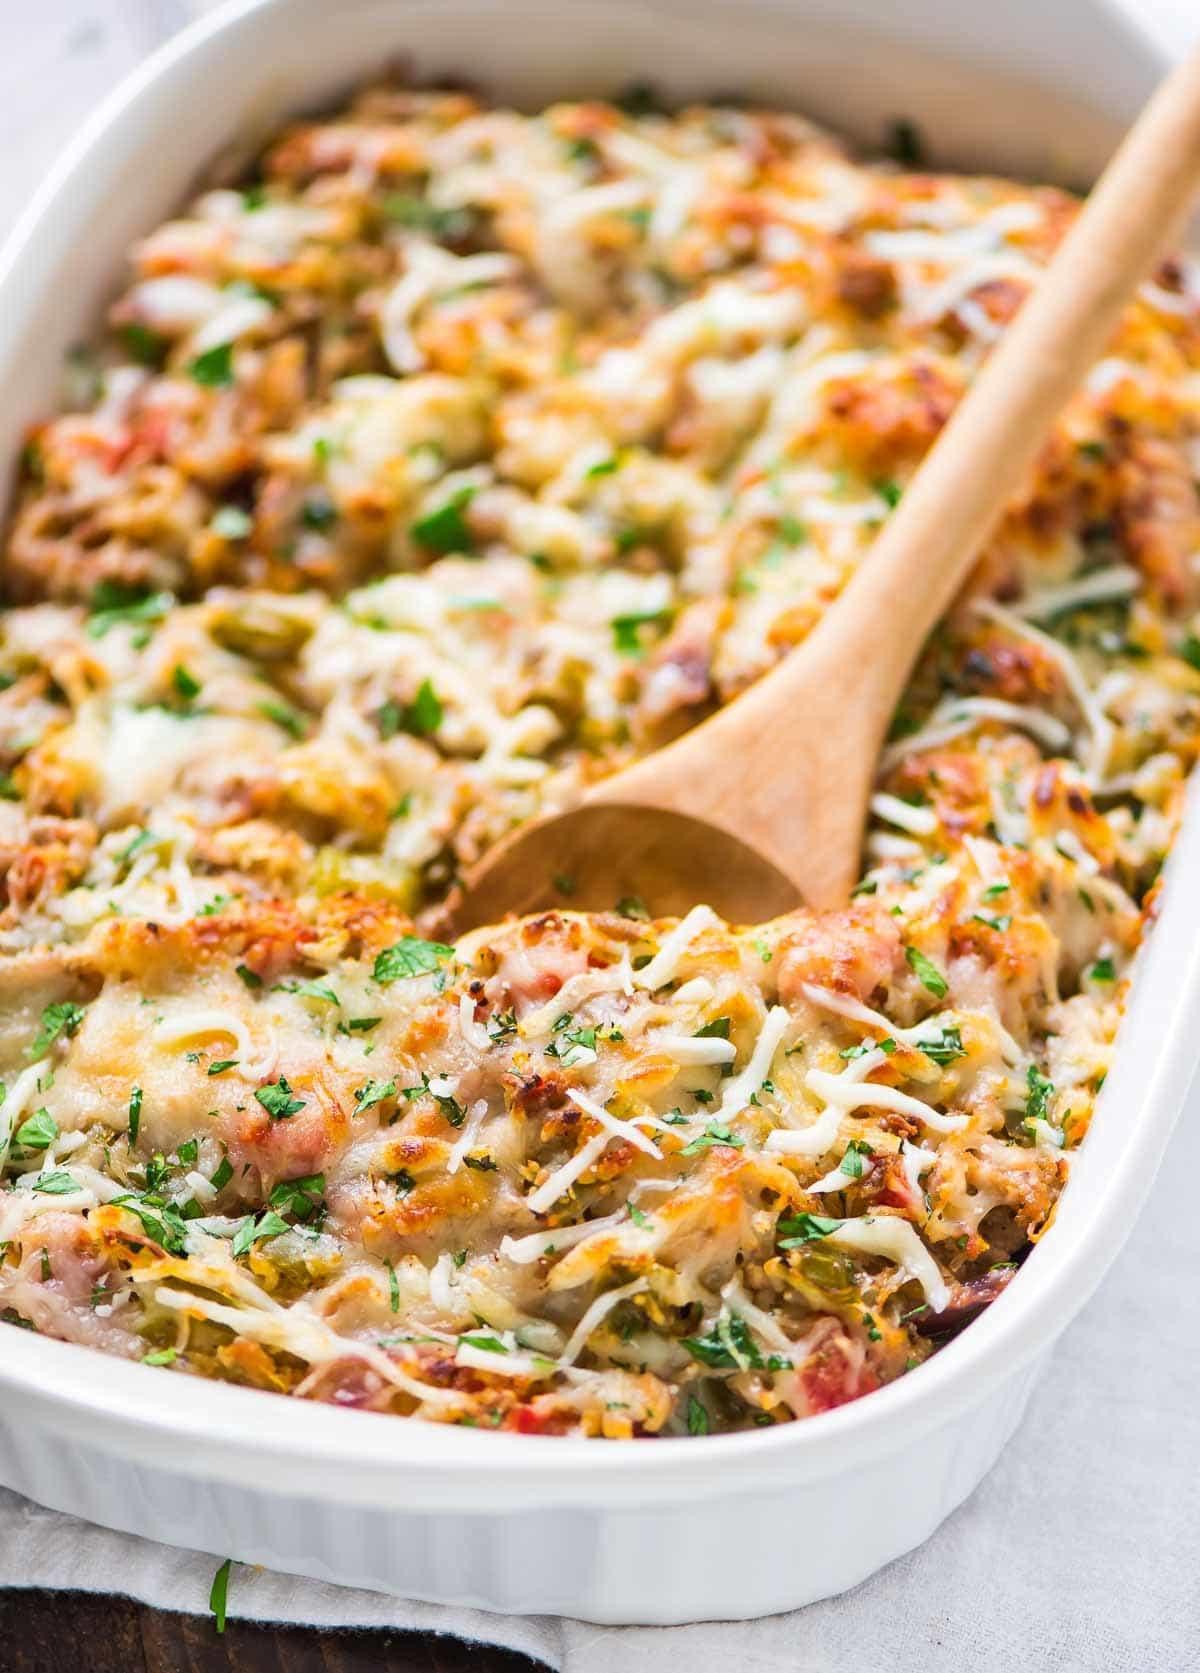 Healthy Spaghetti Squash Recipes  Spaghetti Squash Casserole